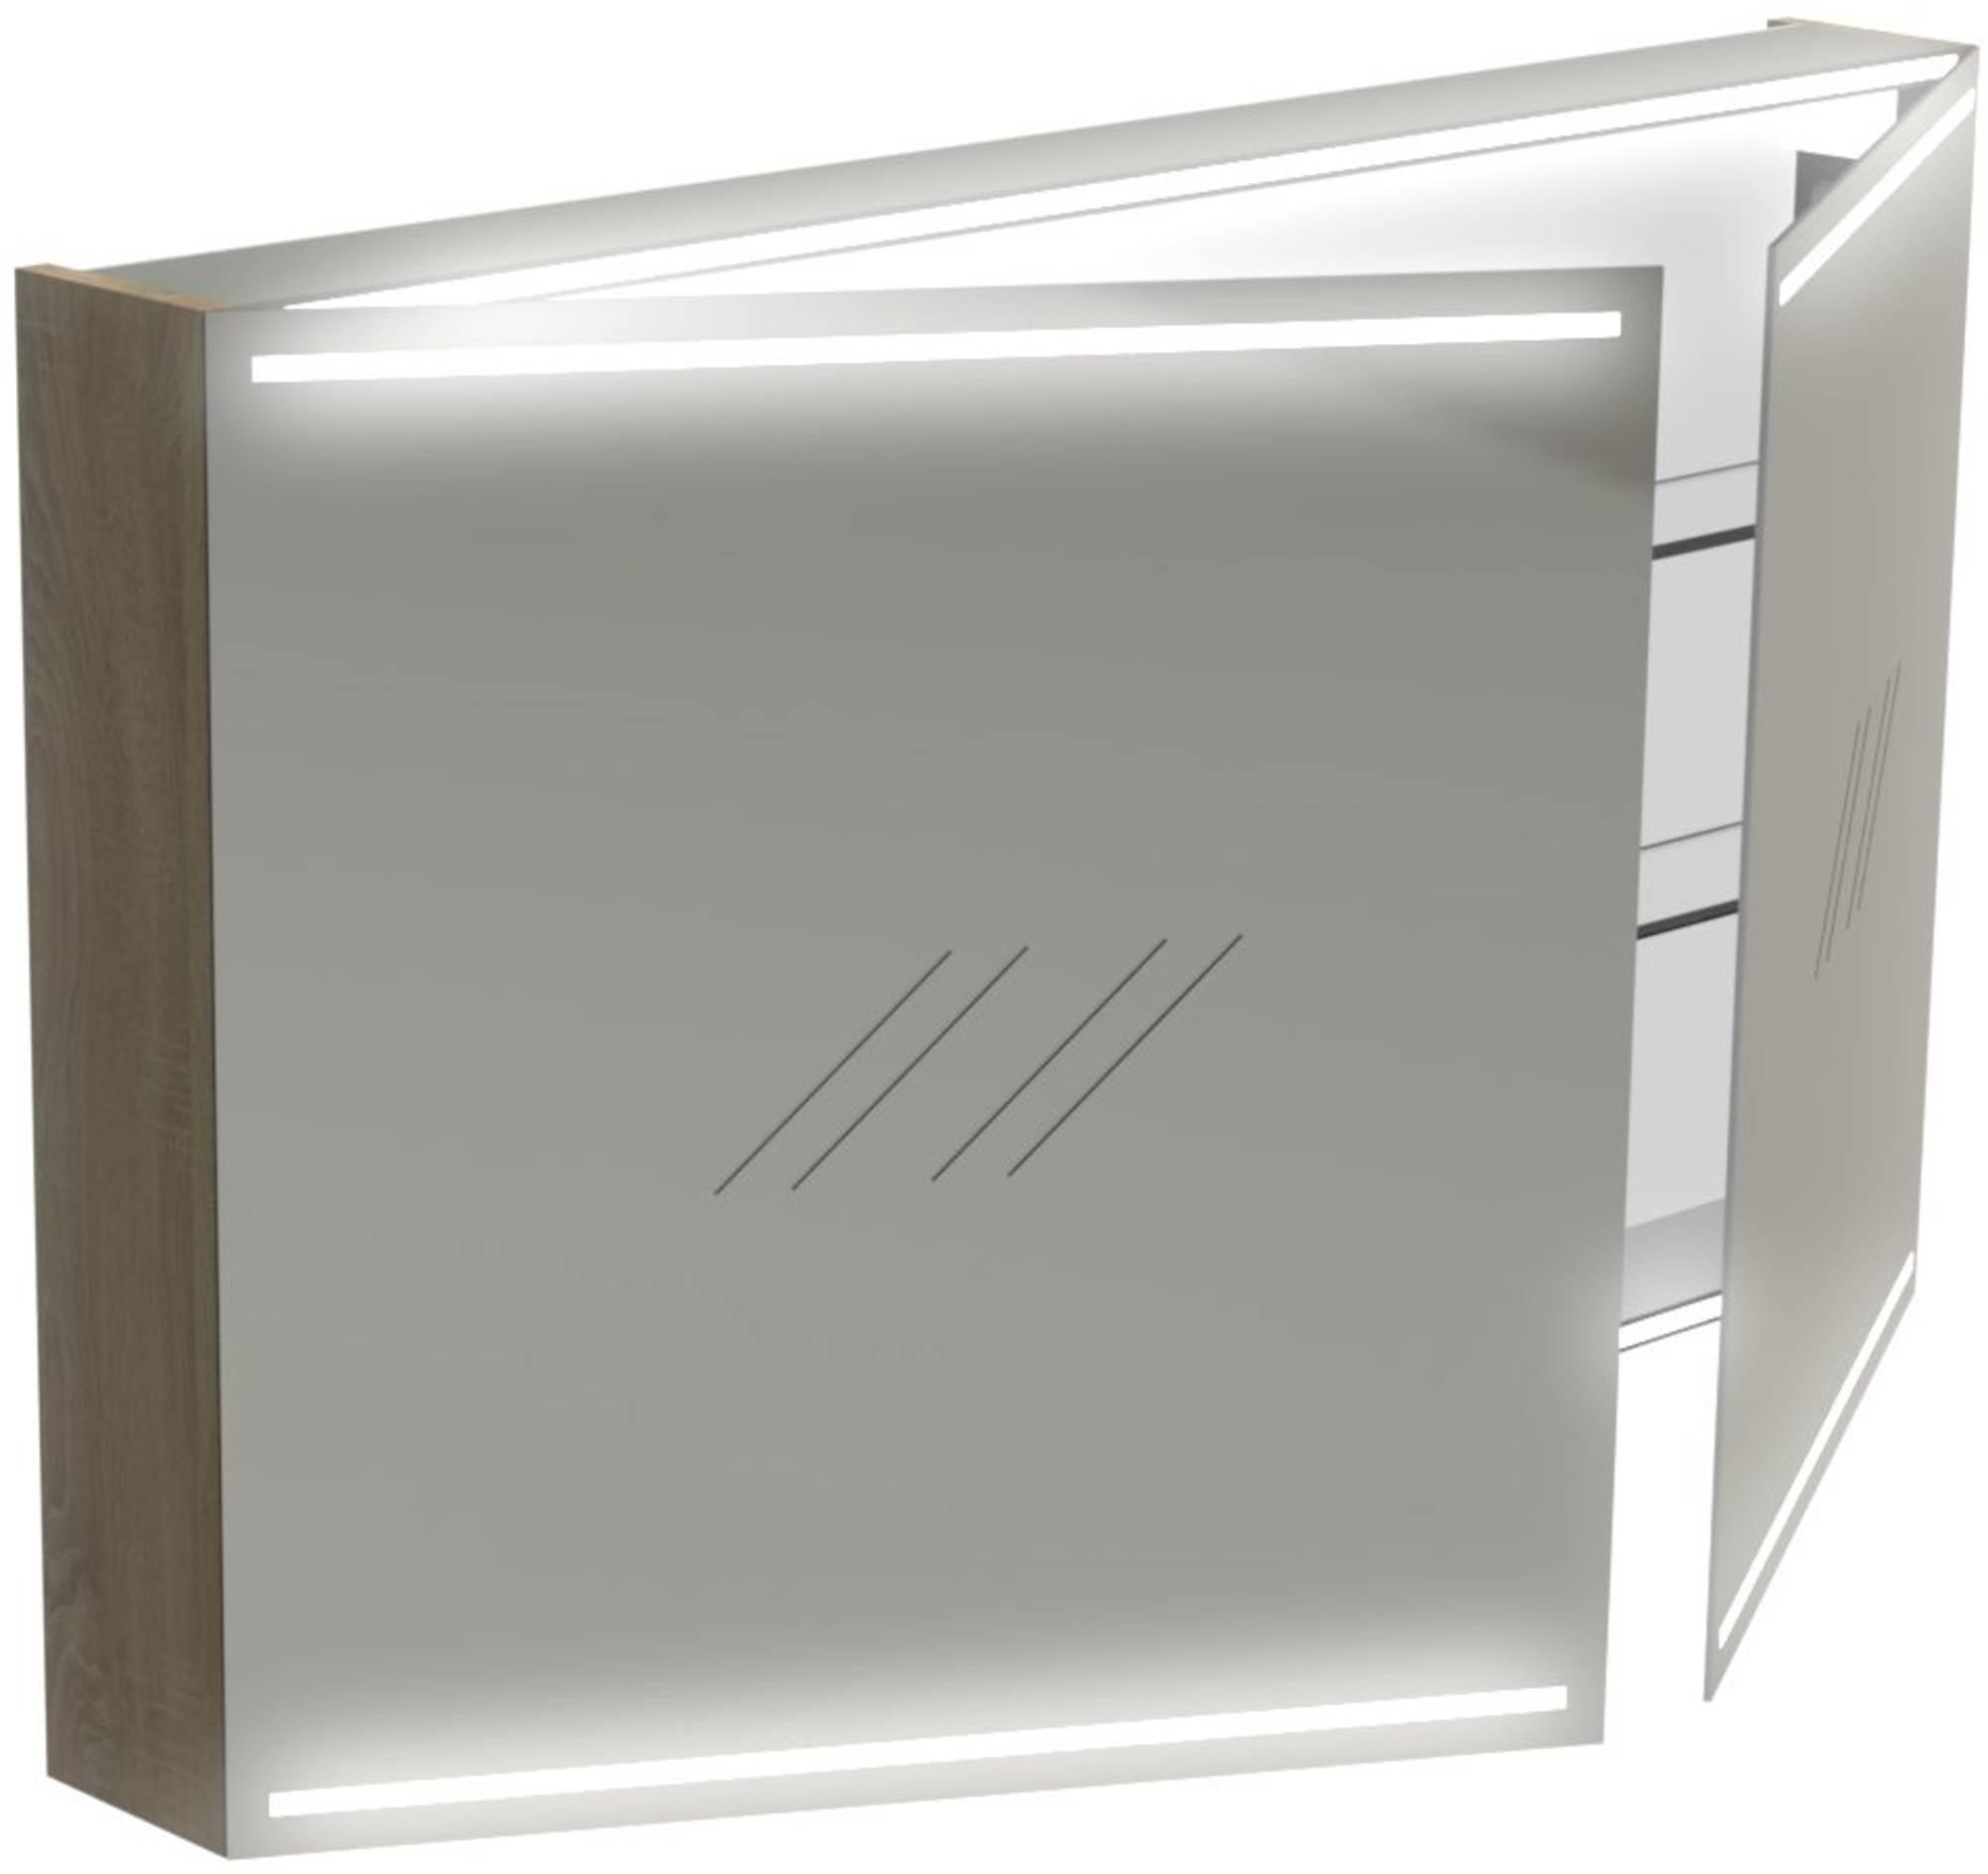 Thebalux Deluxe Spiegelkast 70x120x13,5 cm Zijdeglans Zwart